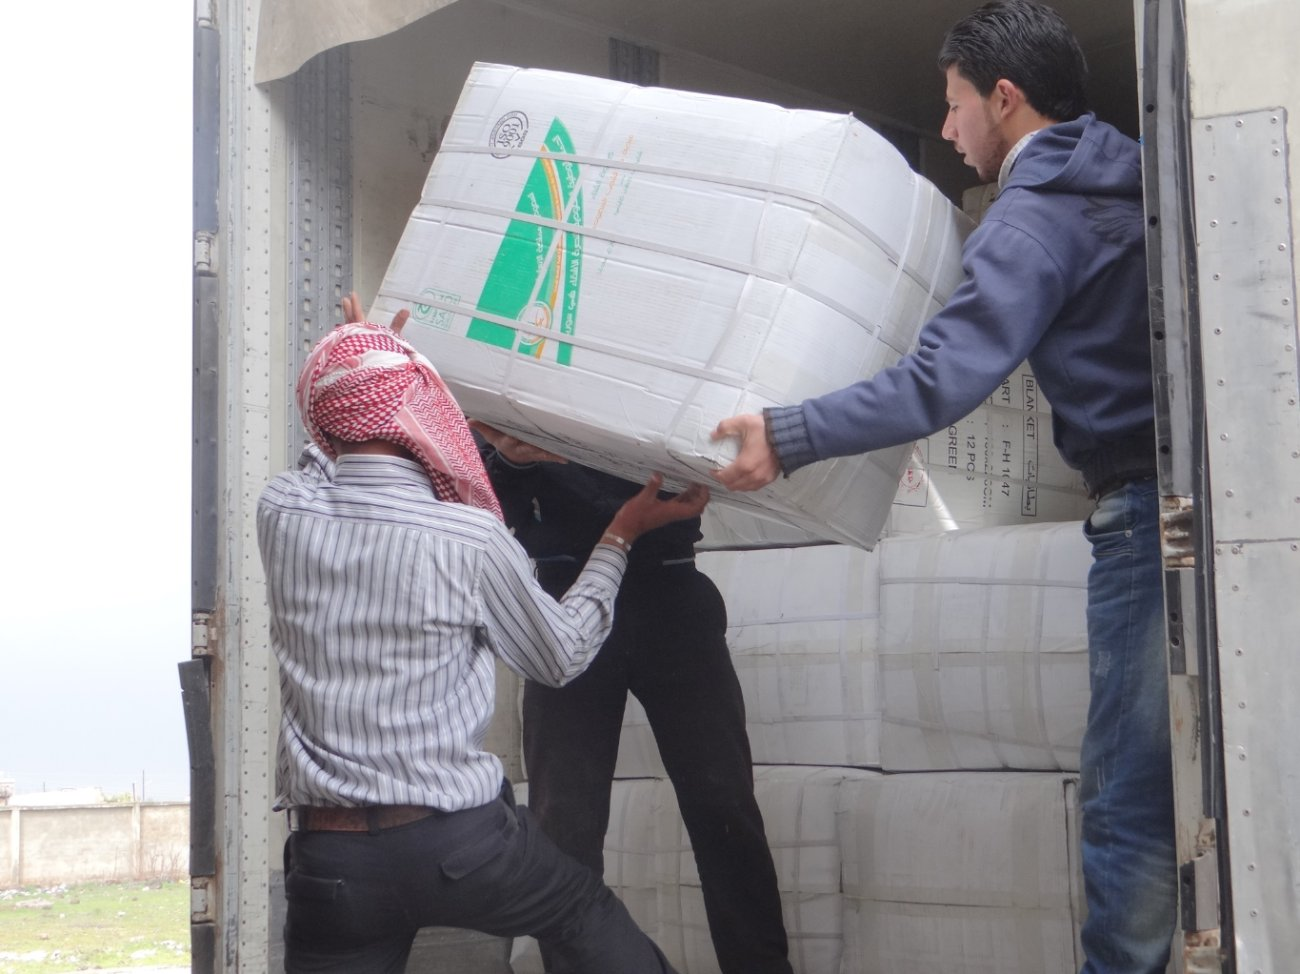 الحملة السعودية لنصرة الأشقاء في سوريا تسير قافلة إغاثية جديدة